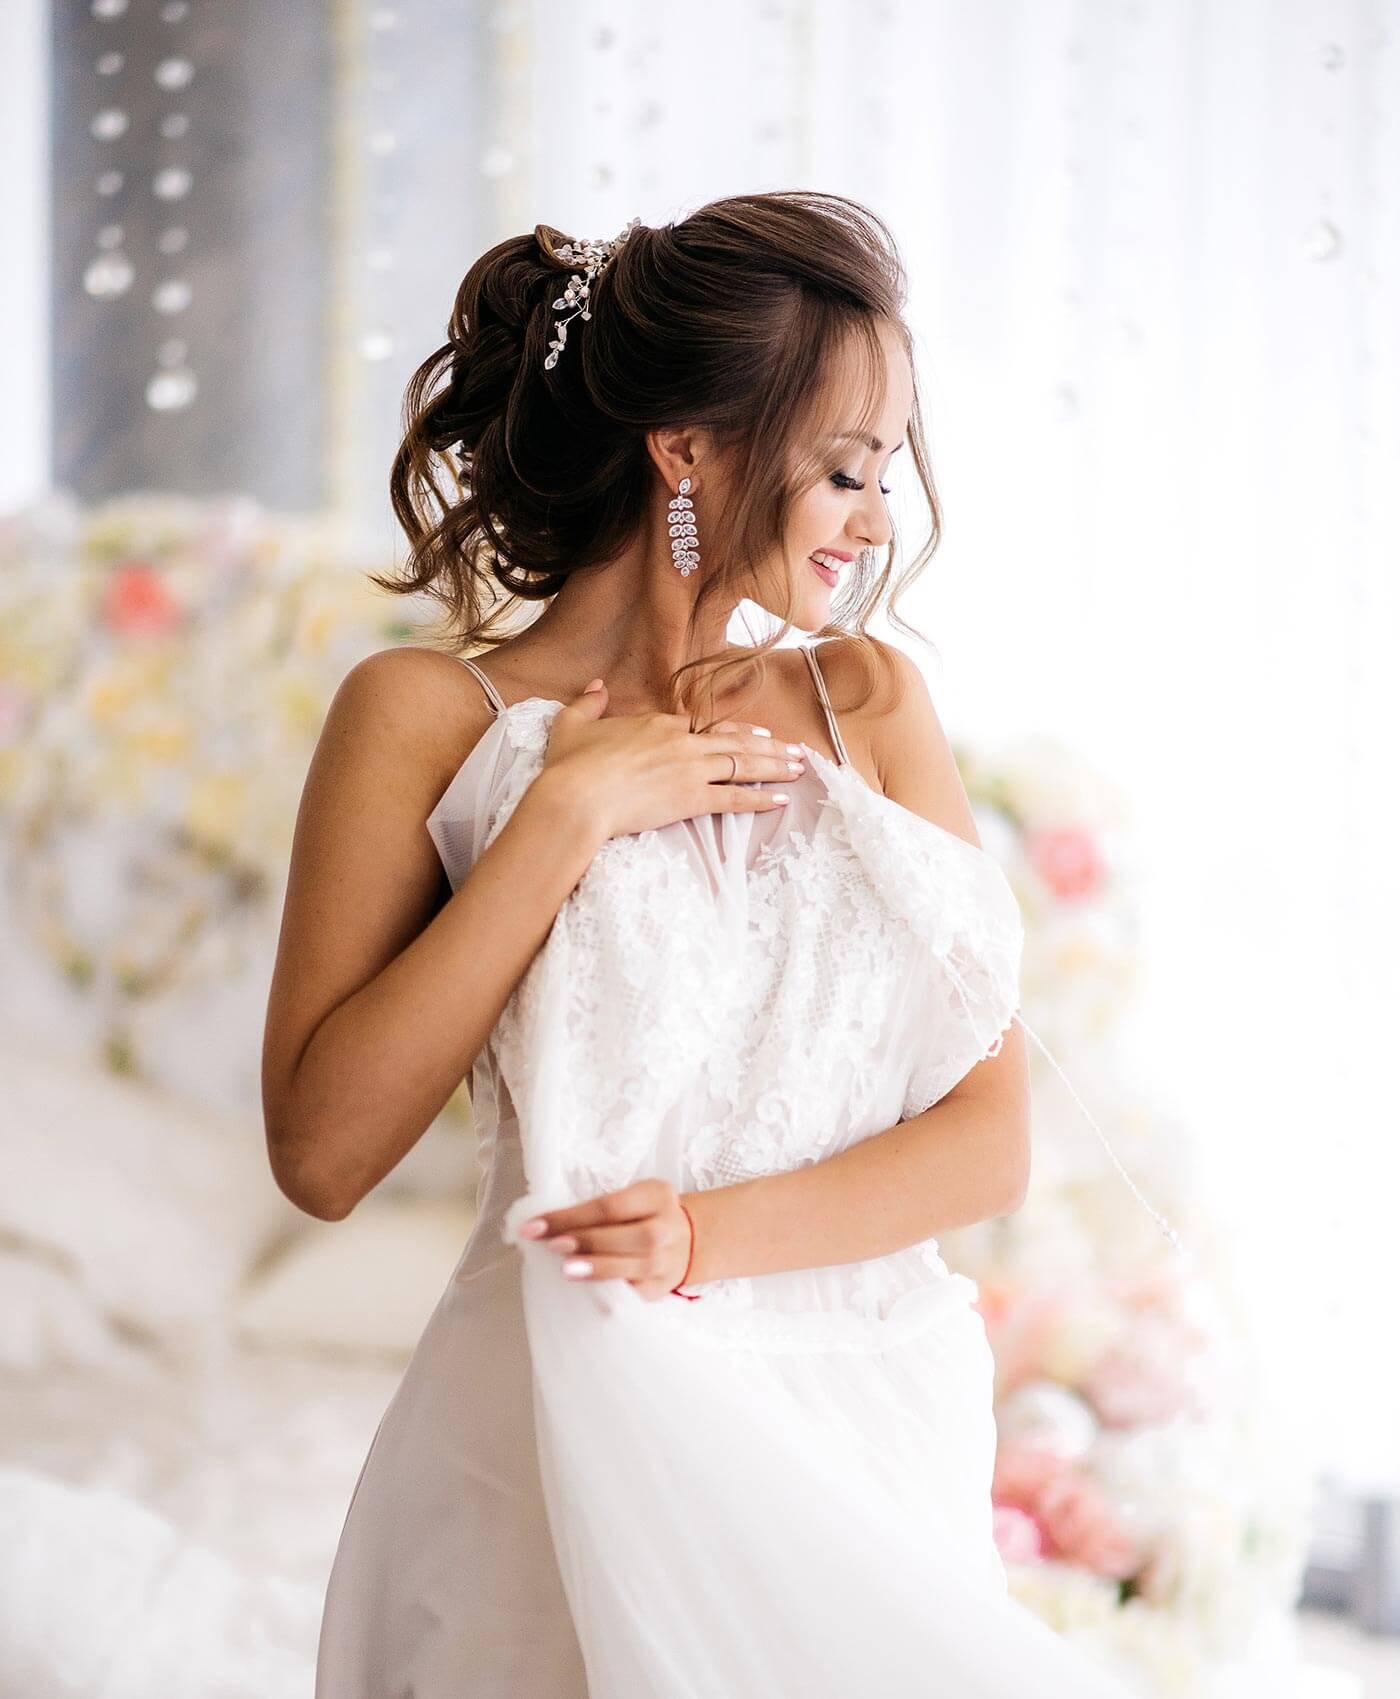 Brautkleid Nach Der Hochzeit: 13 Schöne, Kreative